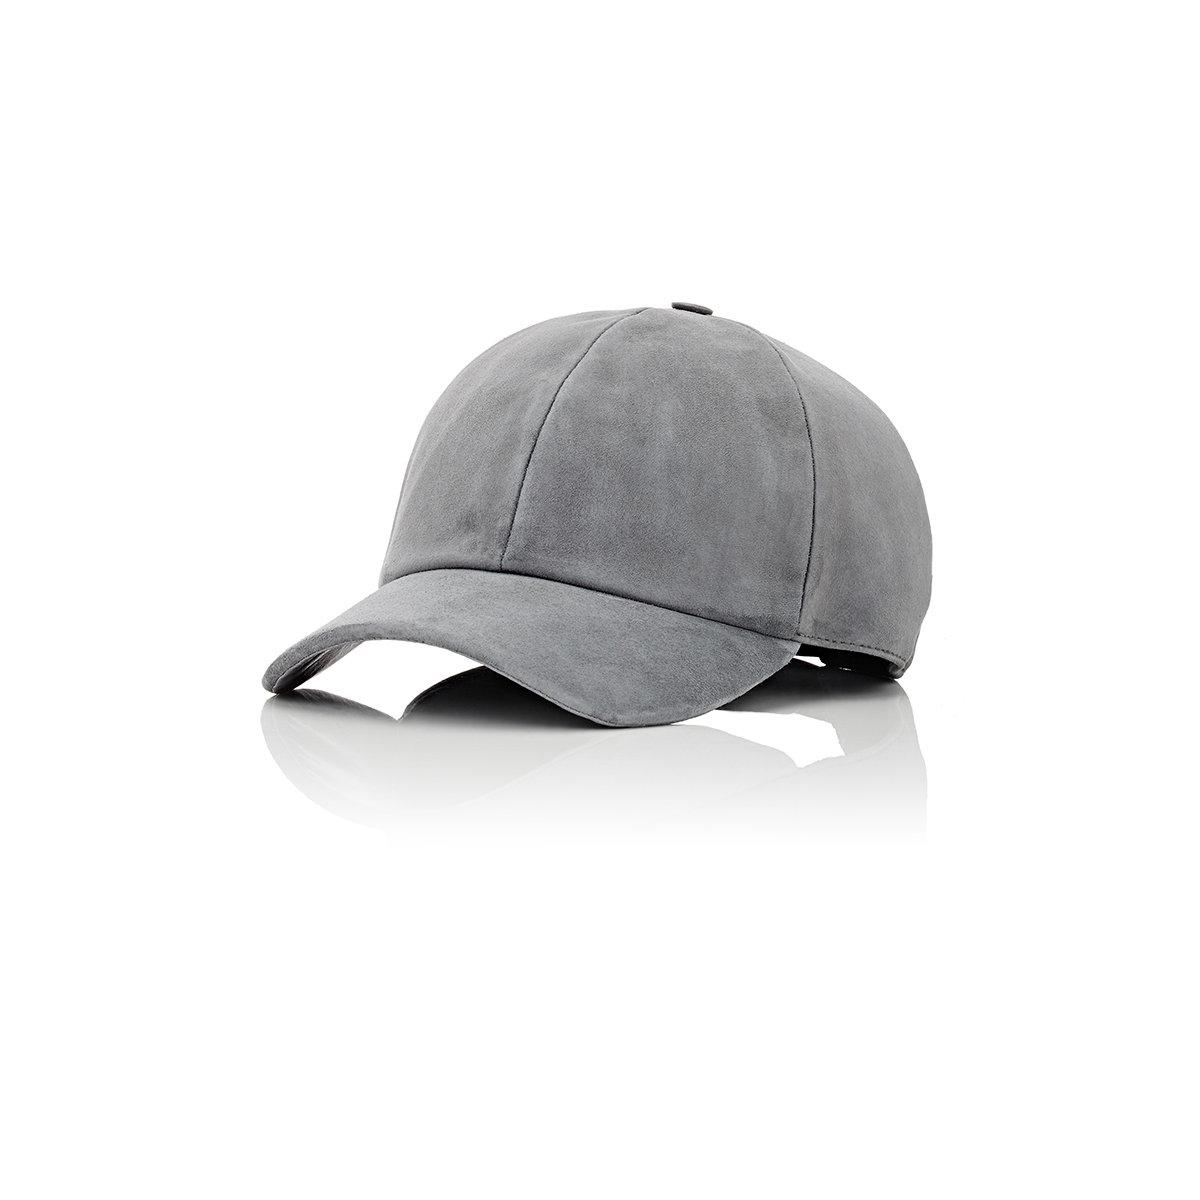 Lyst - Vianel Men s Suede Baseball Cap in Gray for Men 57bdaae62d6